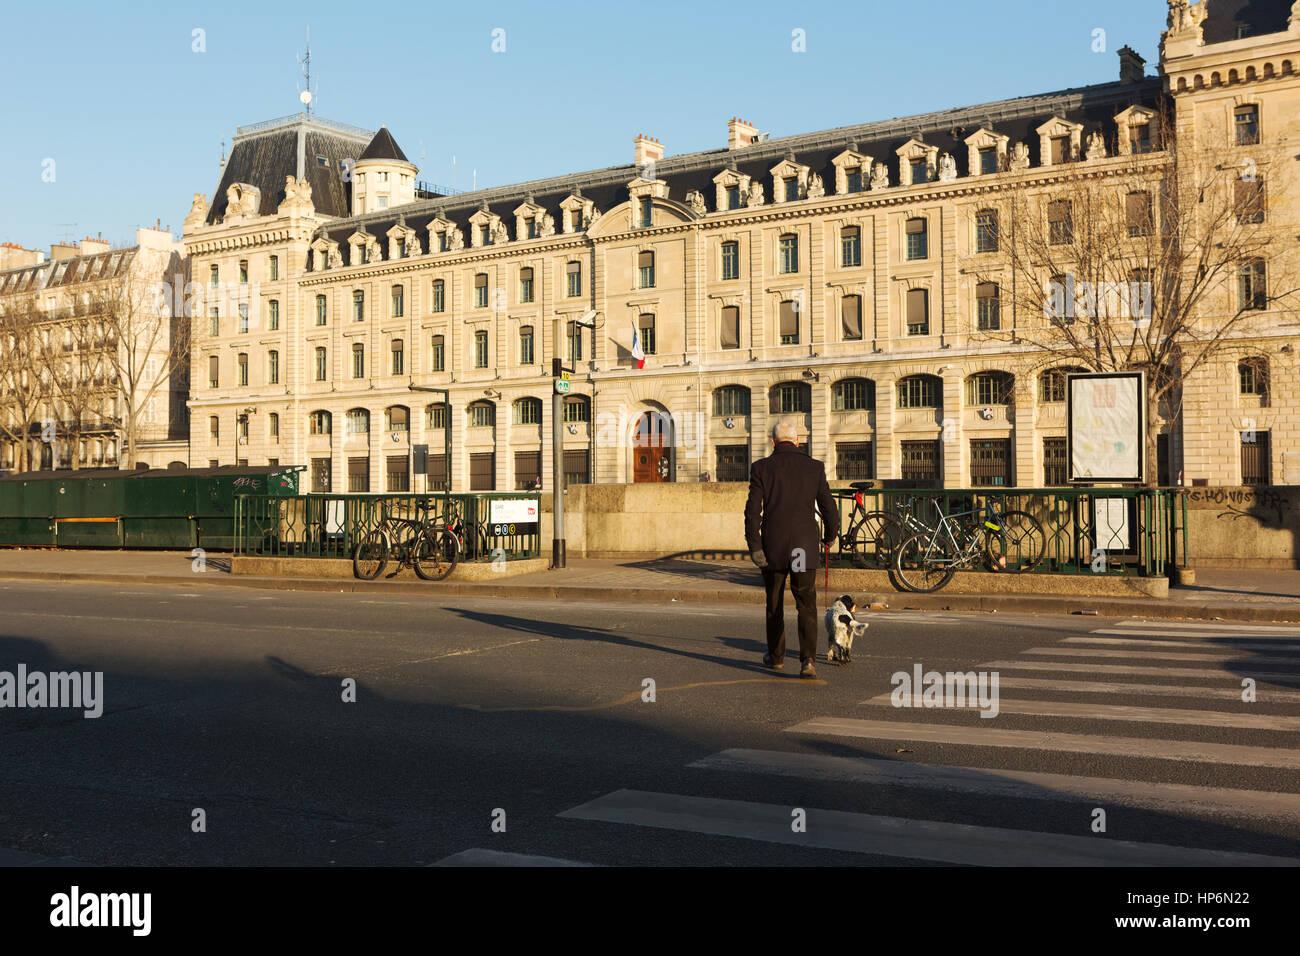 París, Francia - 19 de enero de 2017 : El antiguo hombre camina por las calles de París con su perro por Imagen De Stock